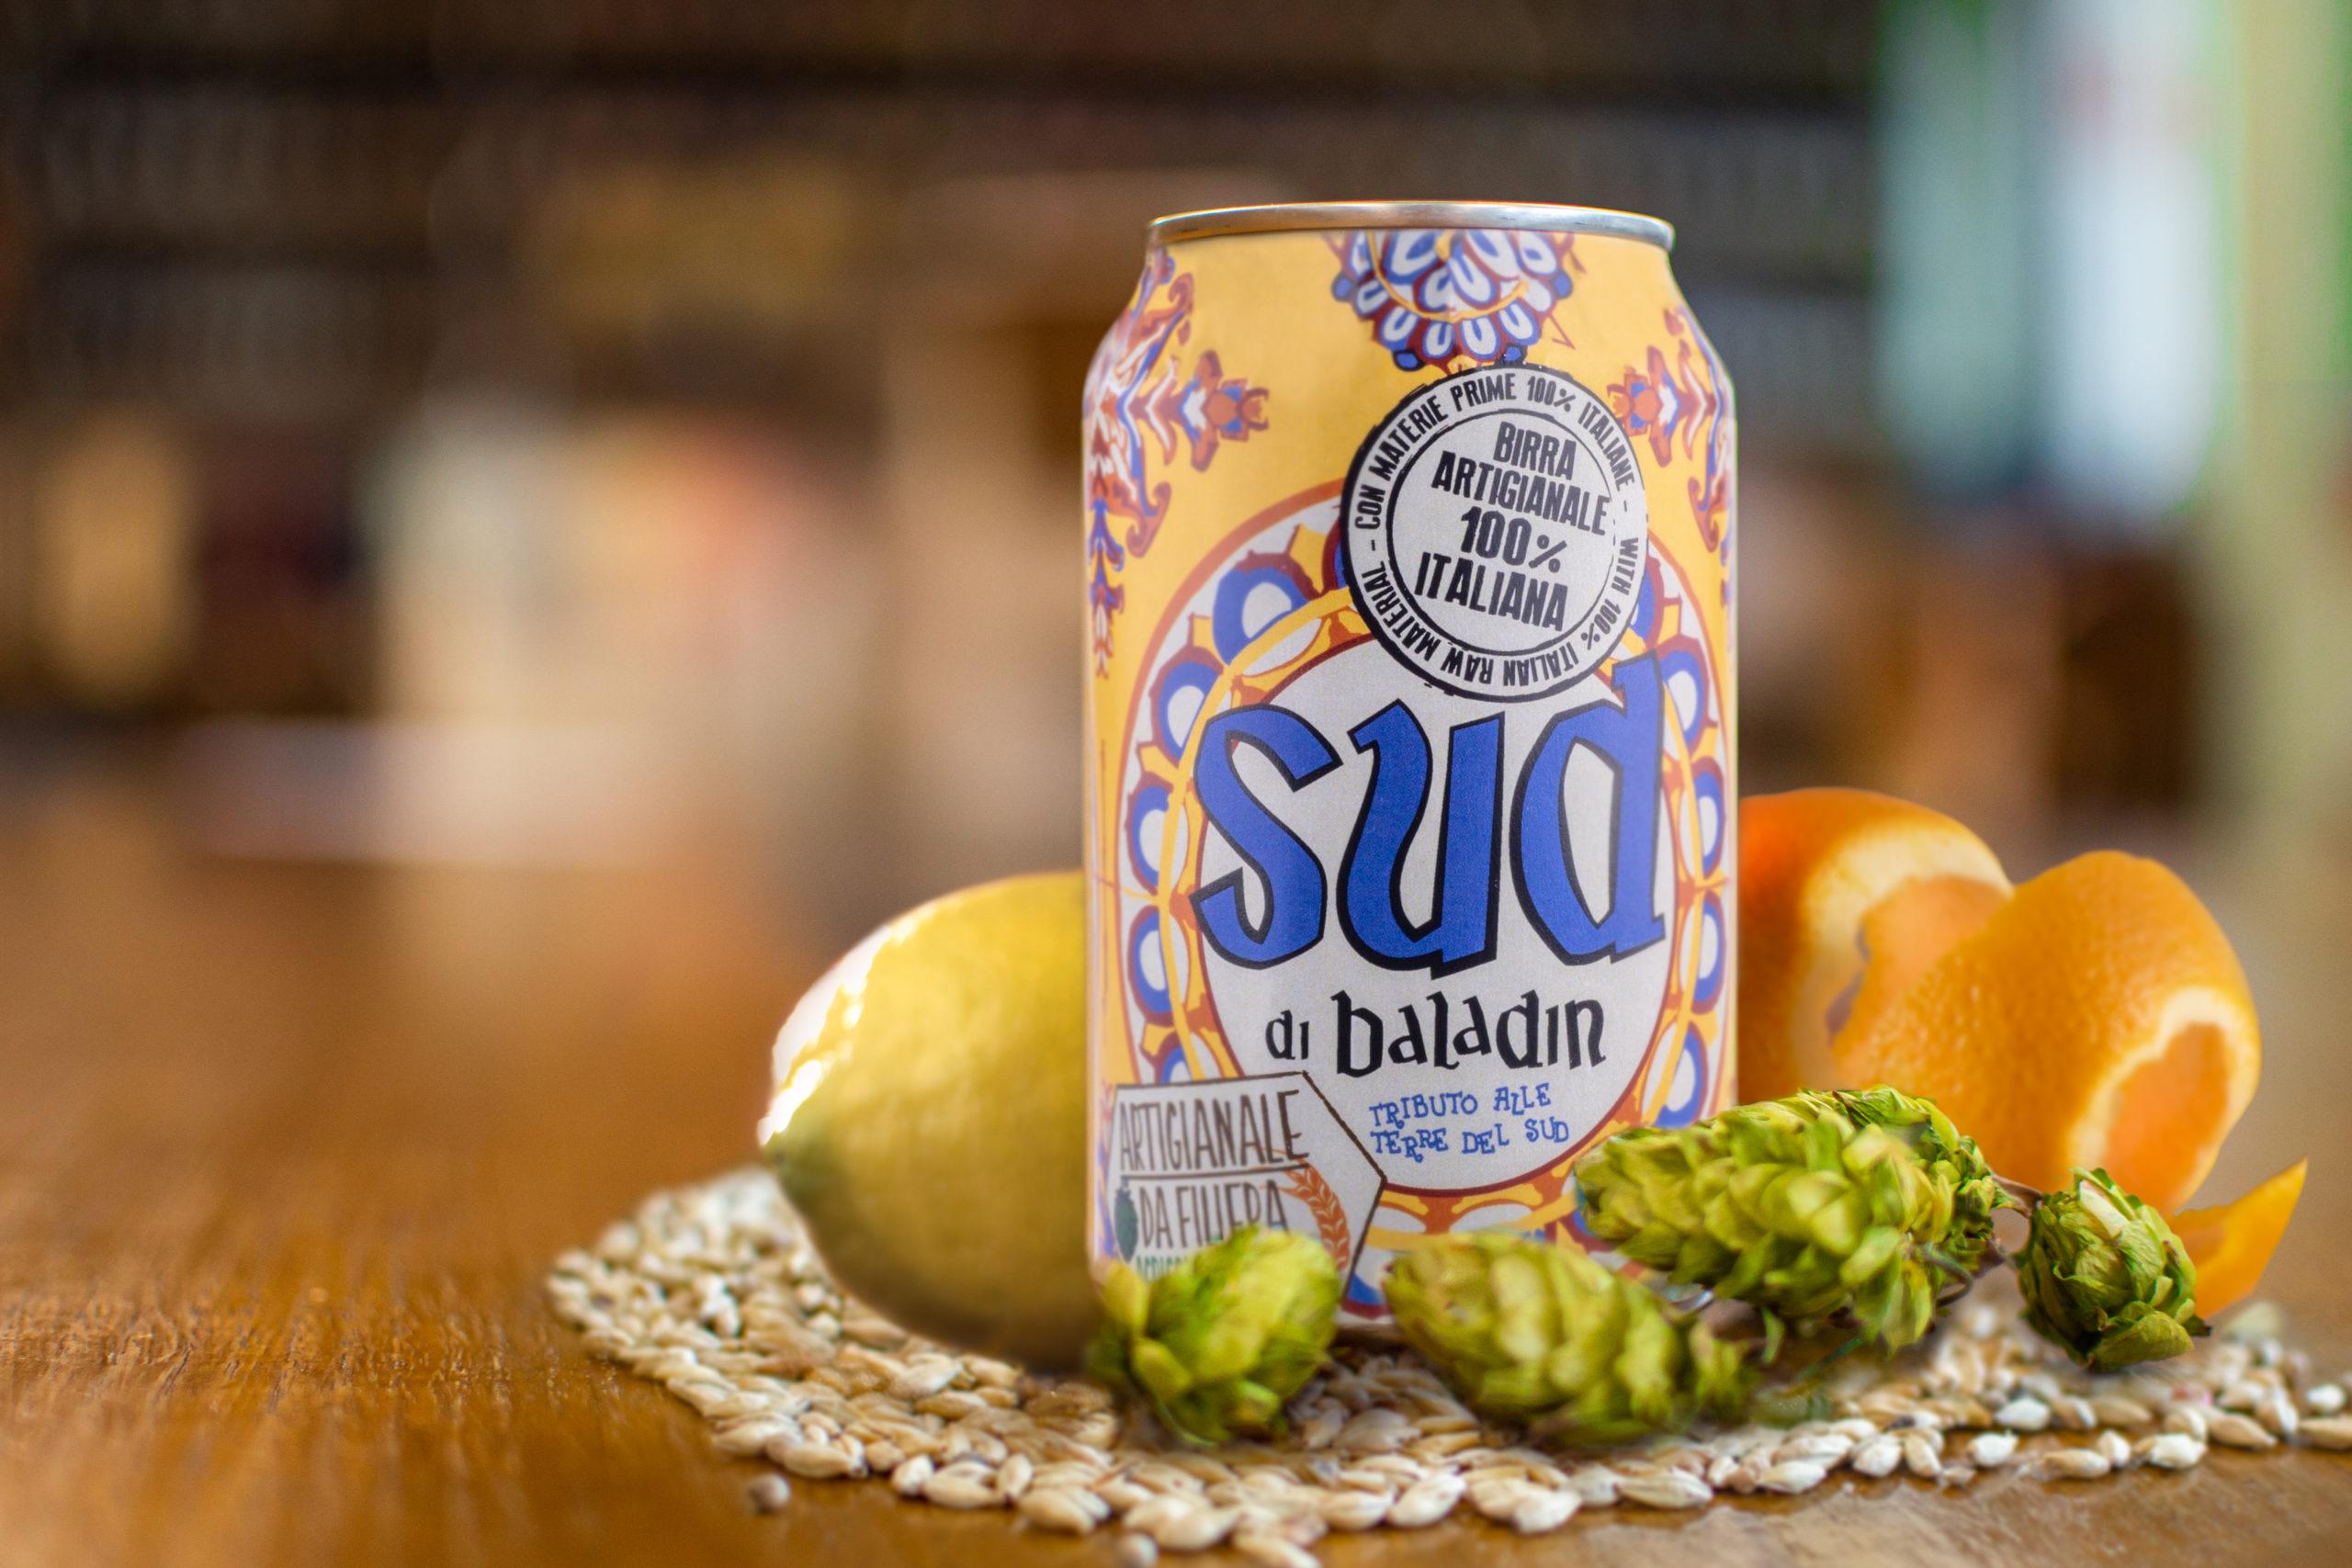 Nuova SUD di Baladin – il tributo alle terre del sud!